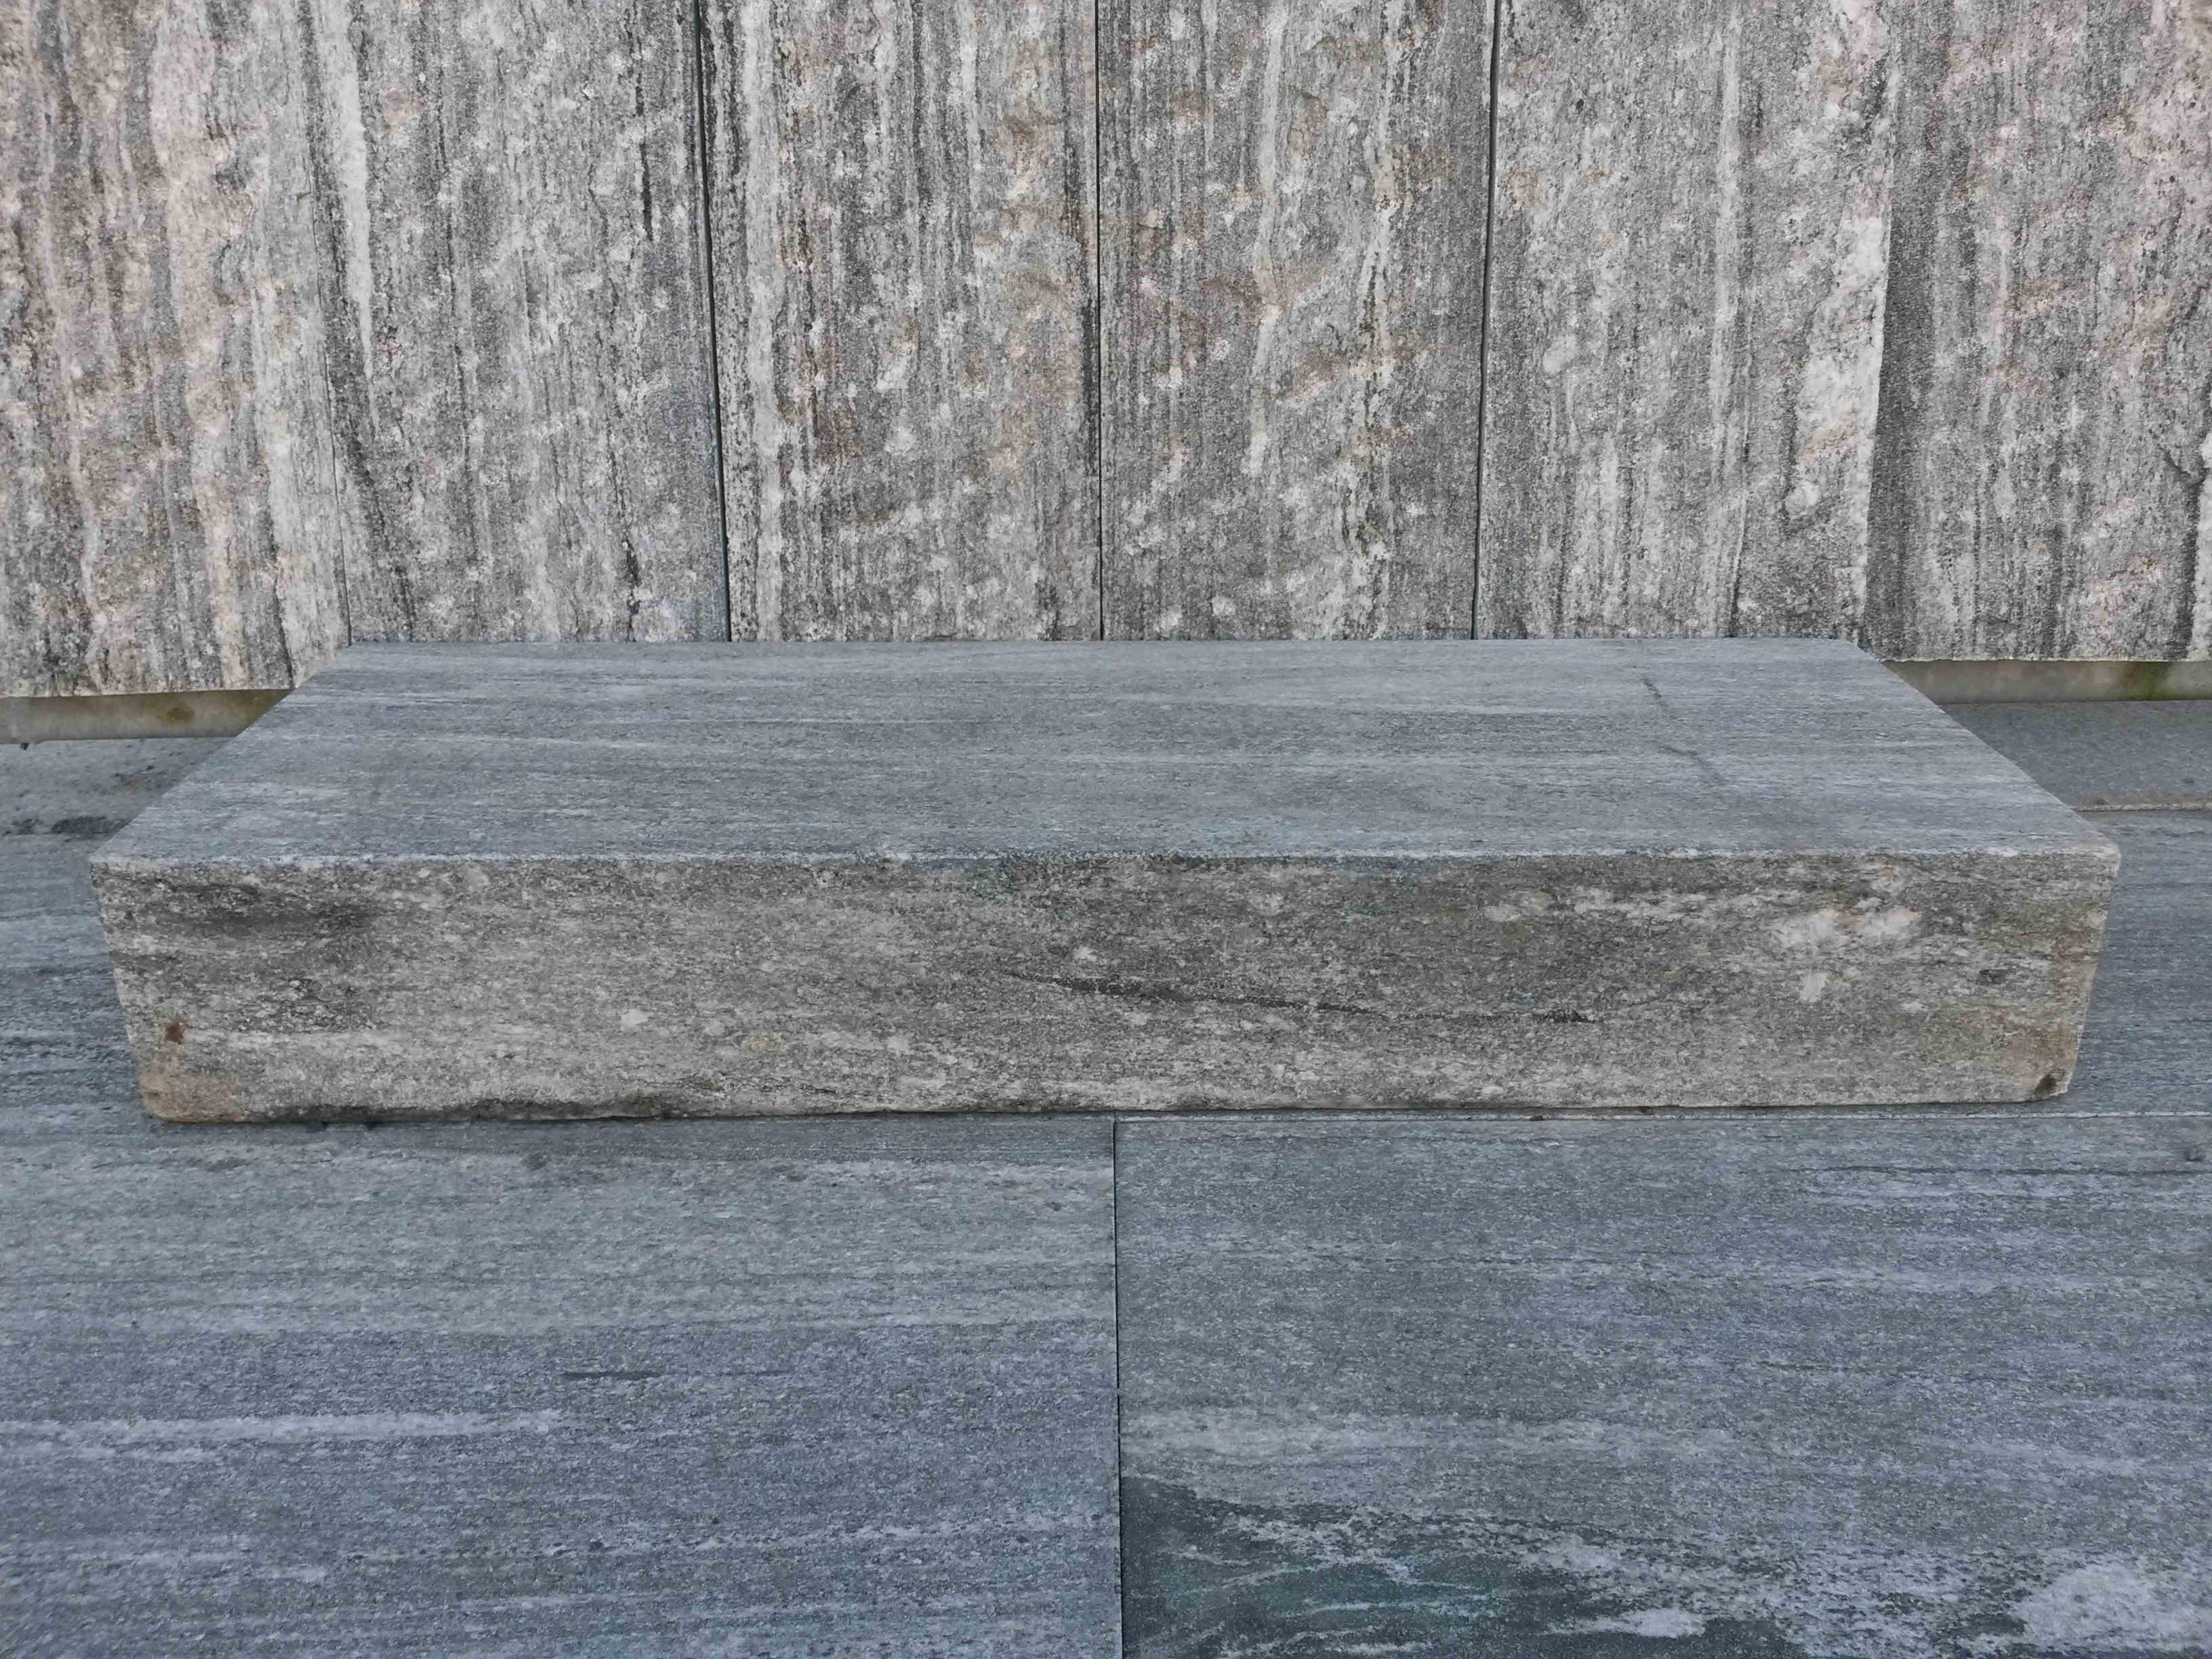 blockstufen, trittsteine, steintreppen, ostschweiz, st. gallen